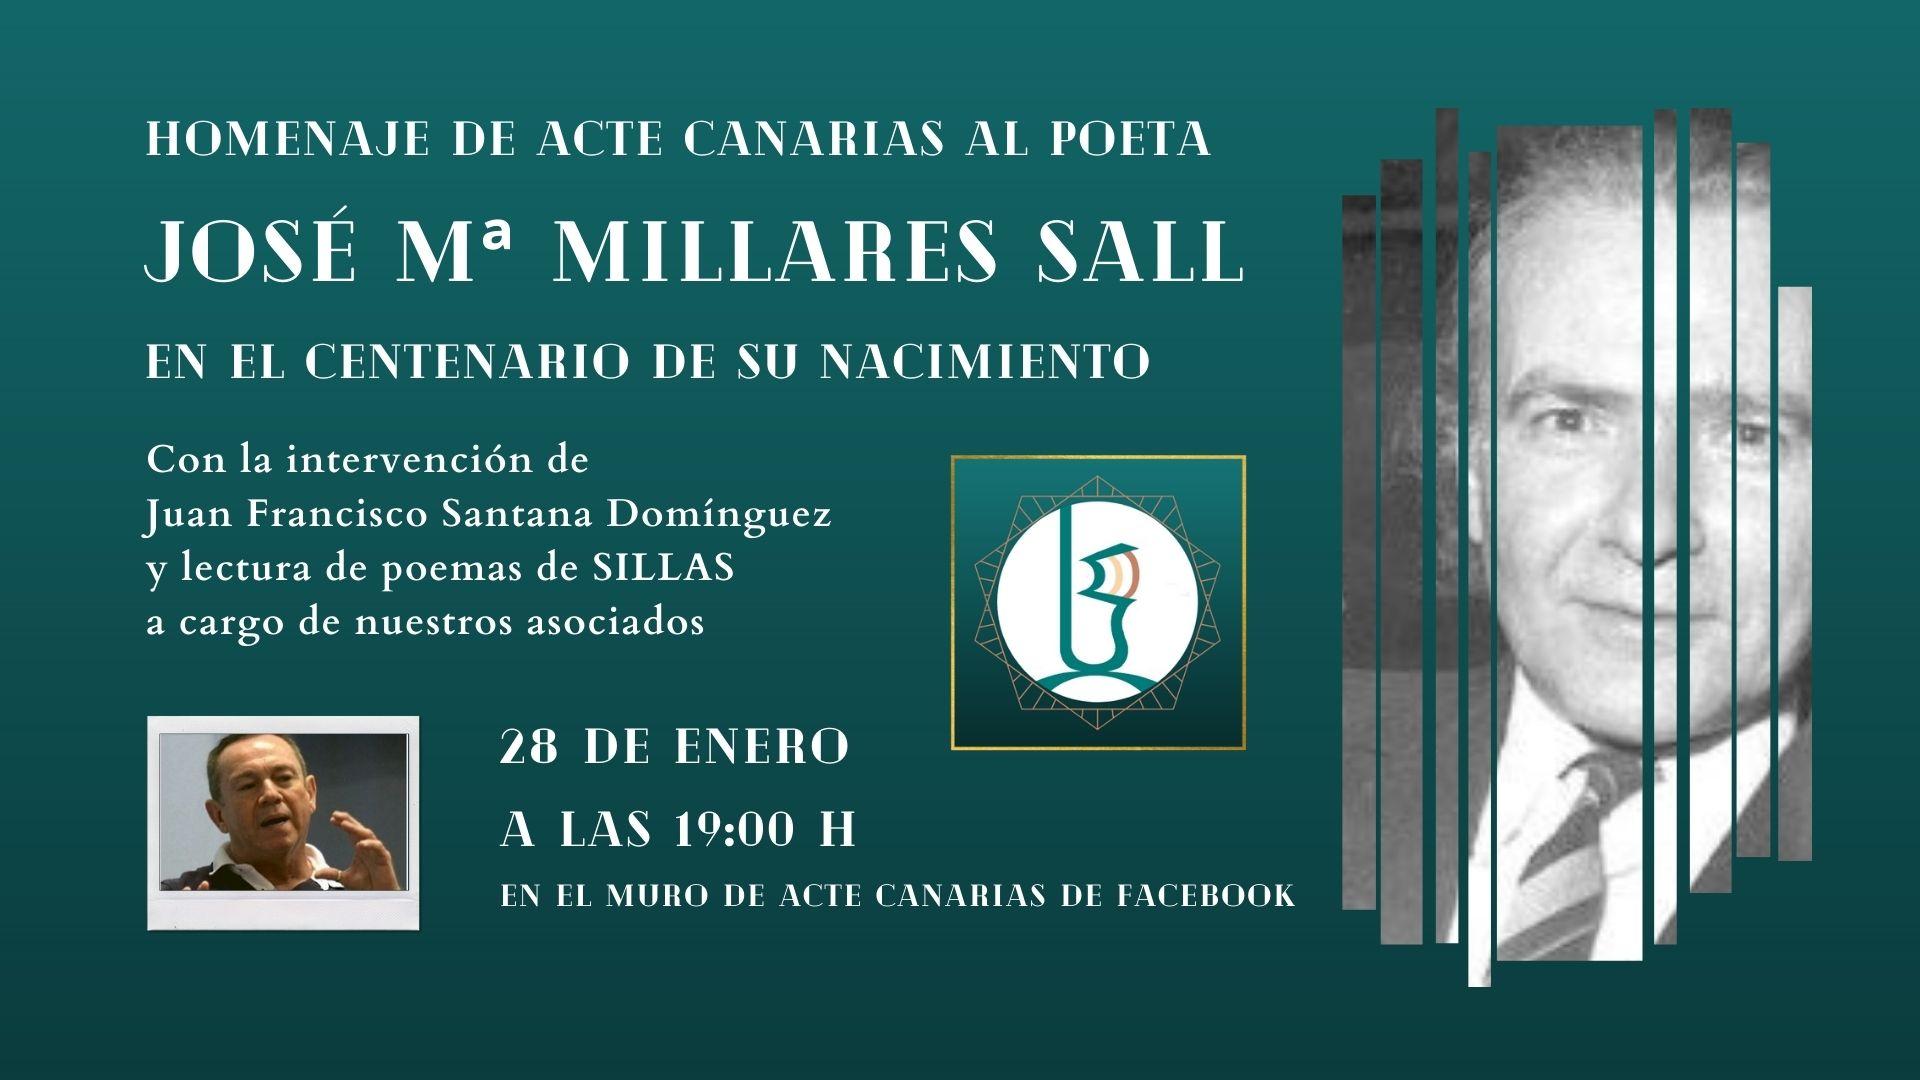 Con motivo del centenario del poeta canario José María Millares Sall, Acte Canarias organizará un evento virtual